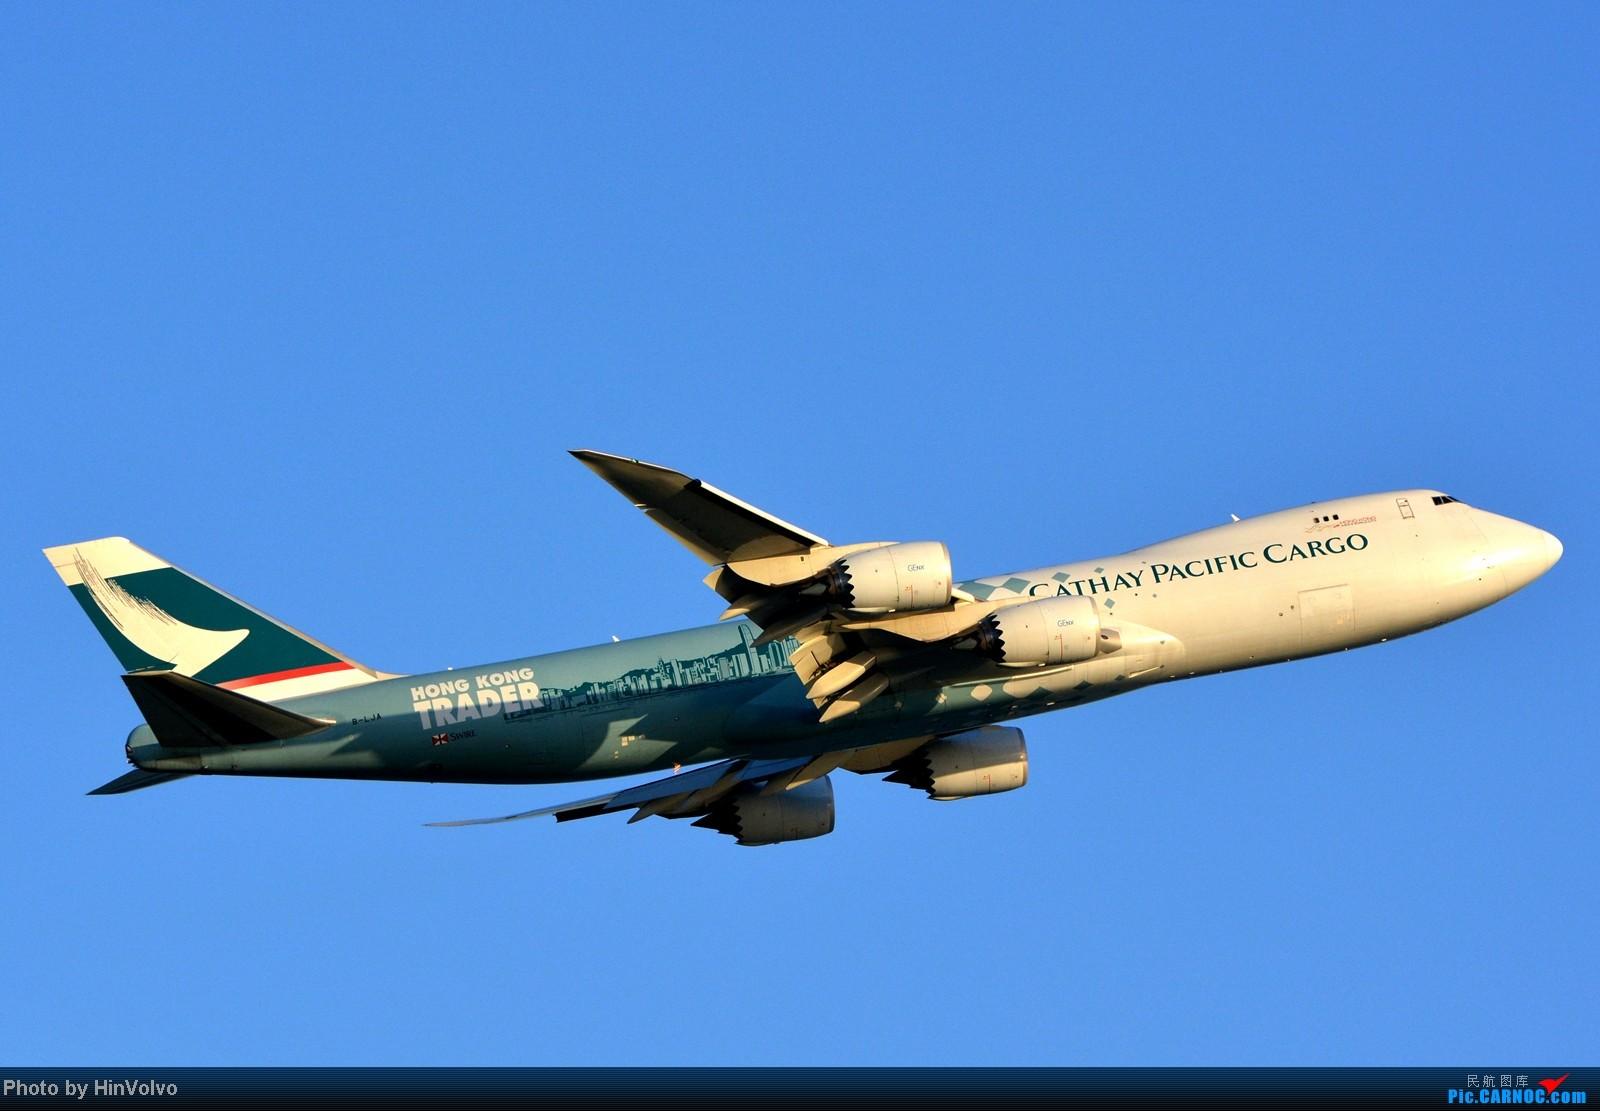 Re:[原创]~~~~多圖系列~~~HKG,早上好!寒冷的天氣出發前往機場拍到中午。 BOEING 747 B-LJA 中国香港赤鱲角机场